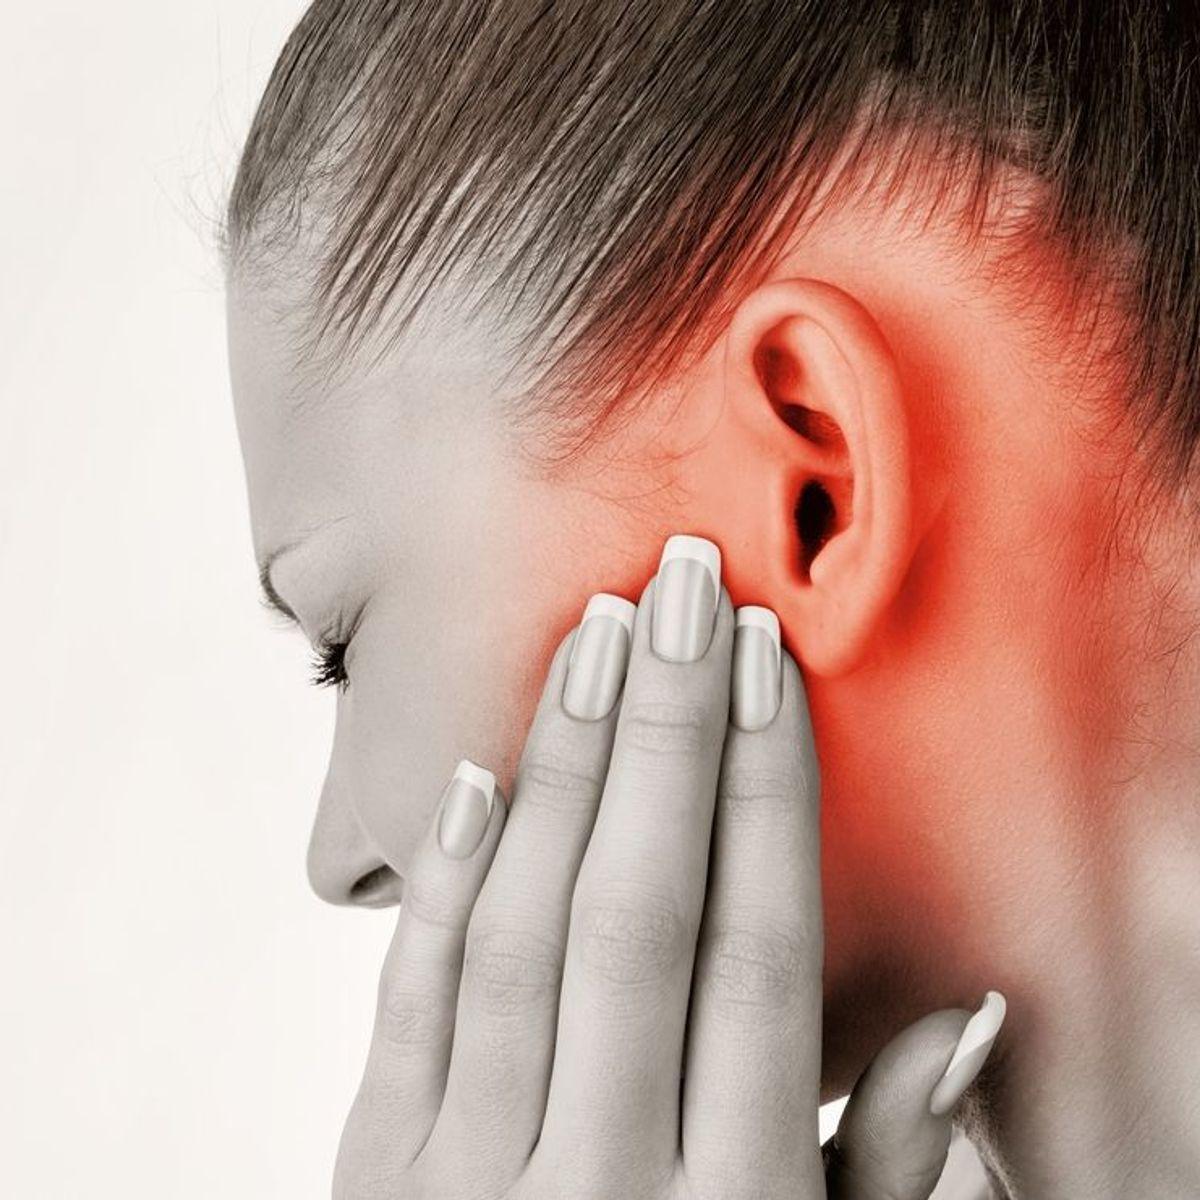 un support de cha/îne pour masque facial et masques 6 paquets sangle de support de masque r/églable comme /épargne-oreilles JANPRiNT Lani/ère /élastique pour soulager les douleurs des oreilles